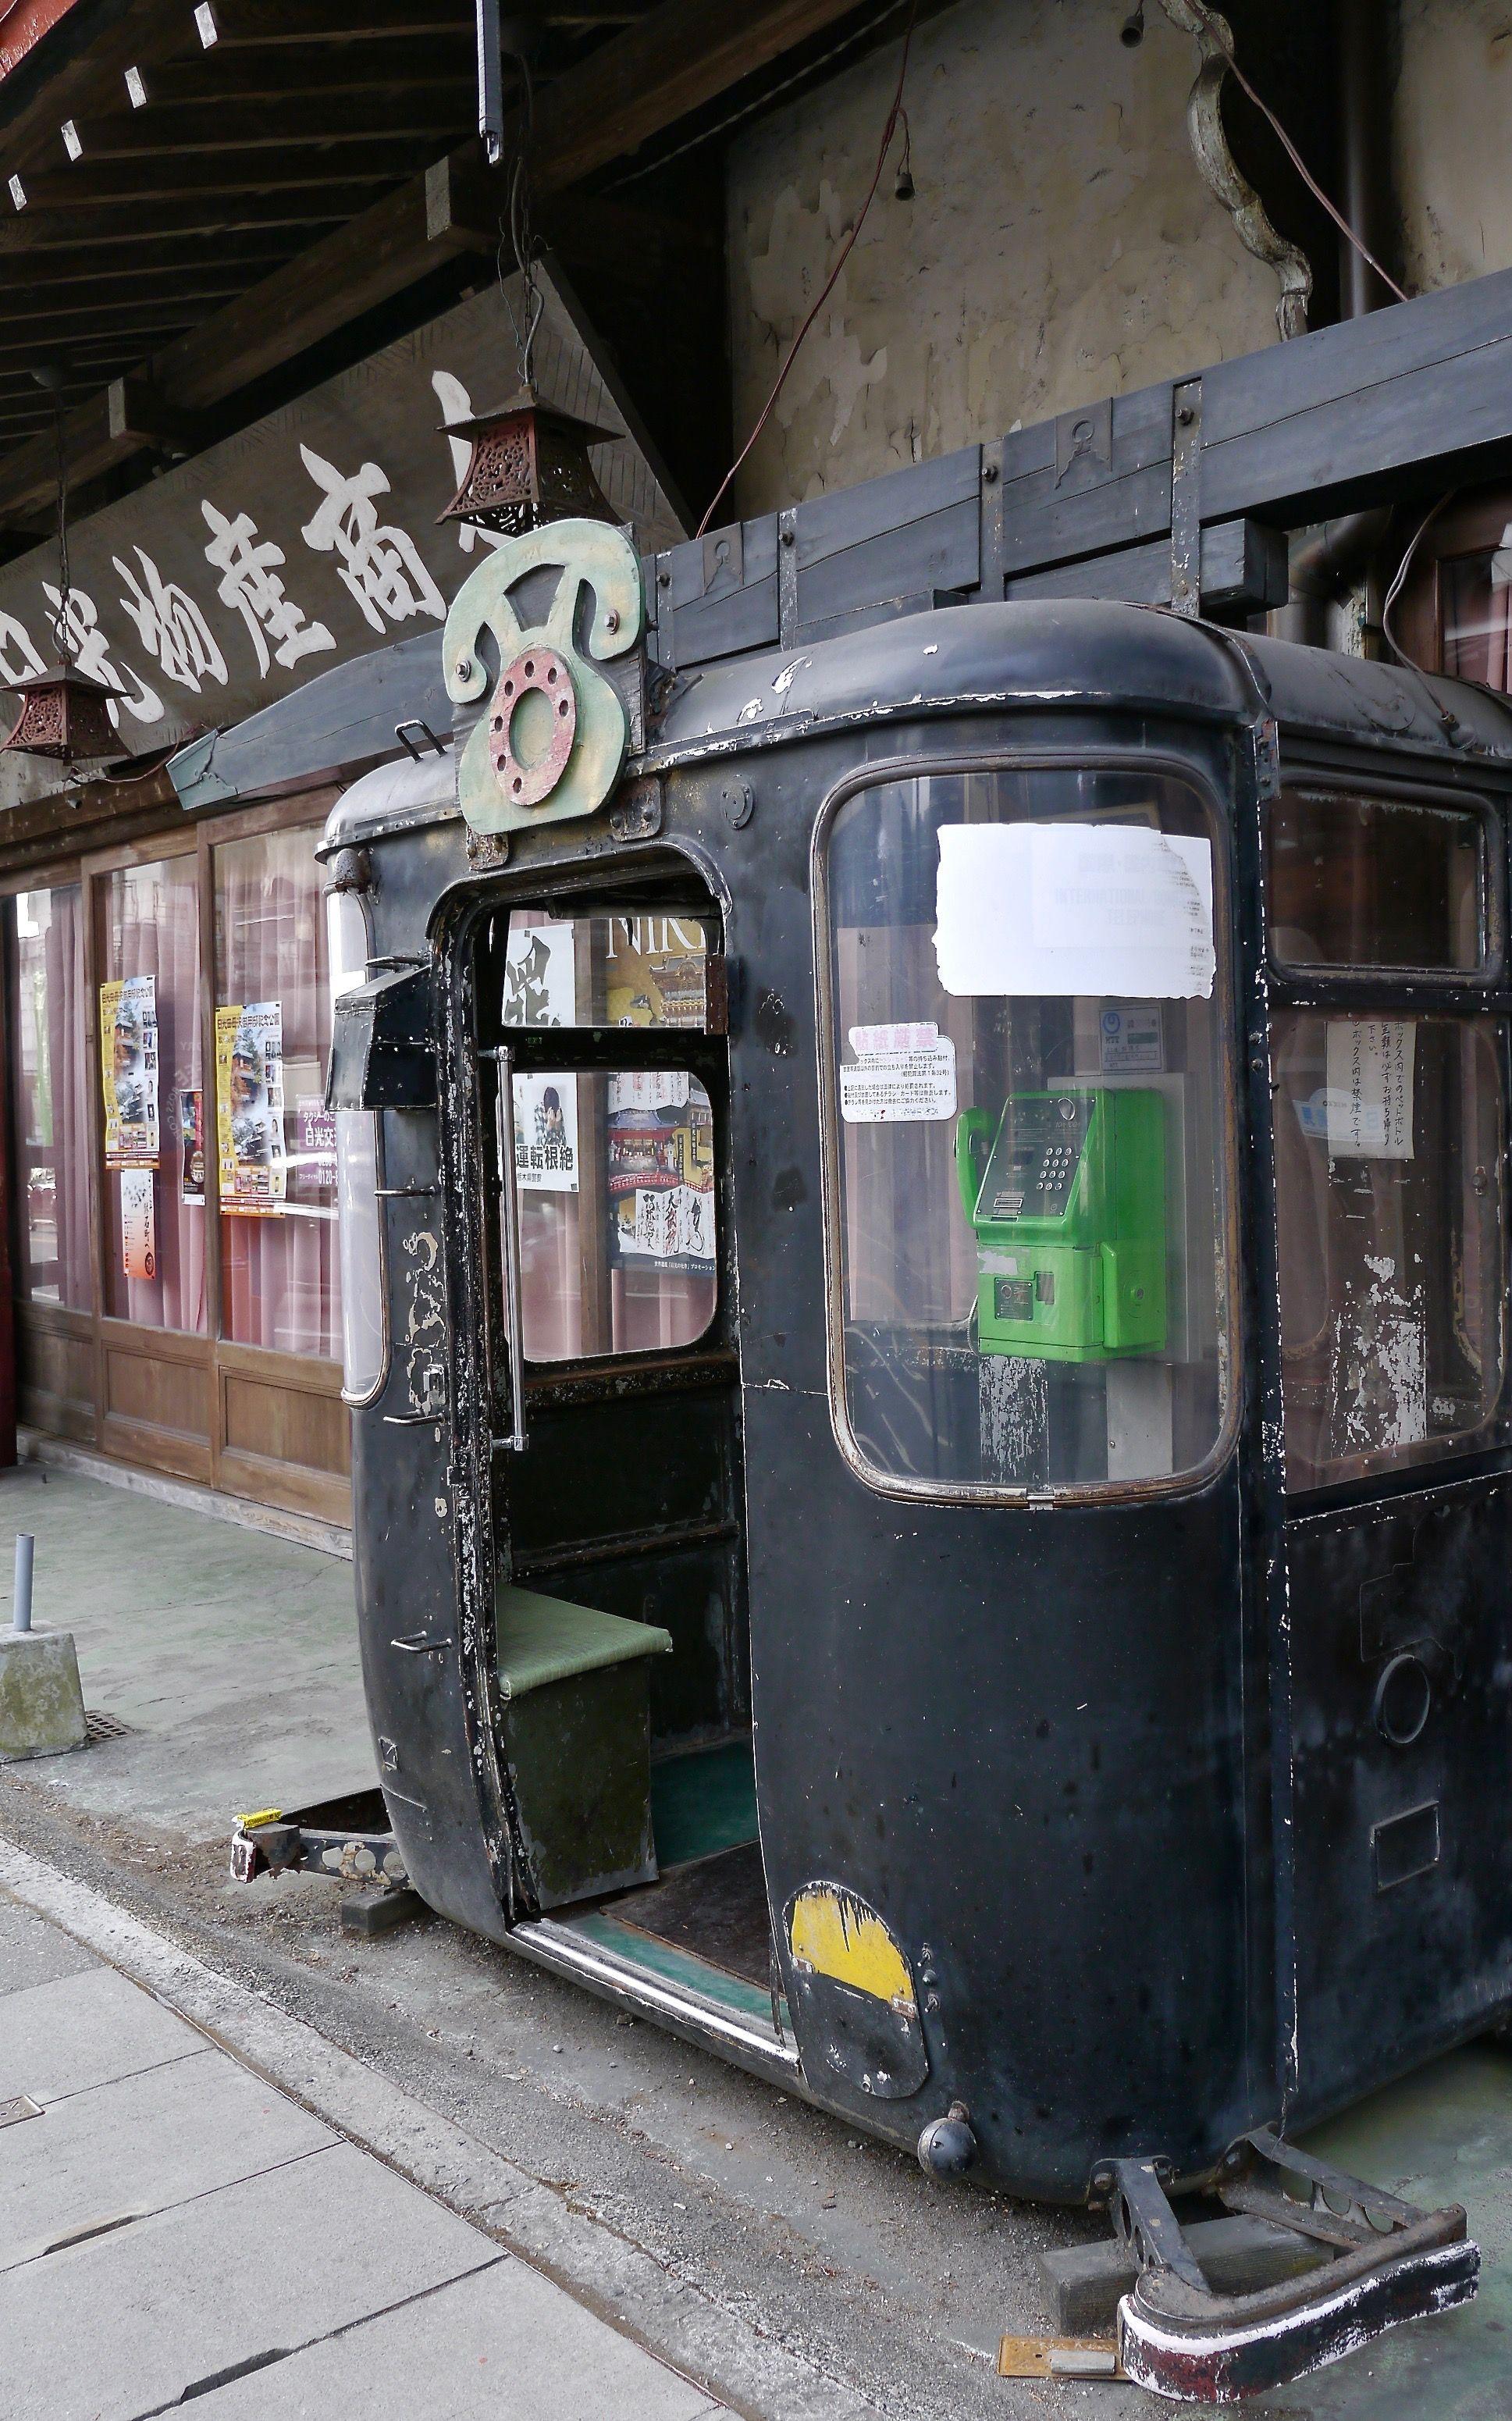 栃木県日光市 朝 バスに乗ろうと 神橋 バス停までやって来て 日光物産商会前に不思議な電話ボックス発見 ロープウェイのゴンドラですよね かわいい 2018 1 15 1 電話ボックス ゴンドラ ロープウェイ